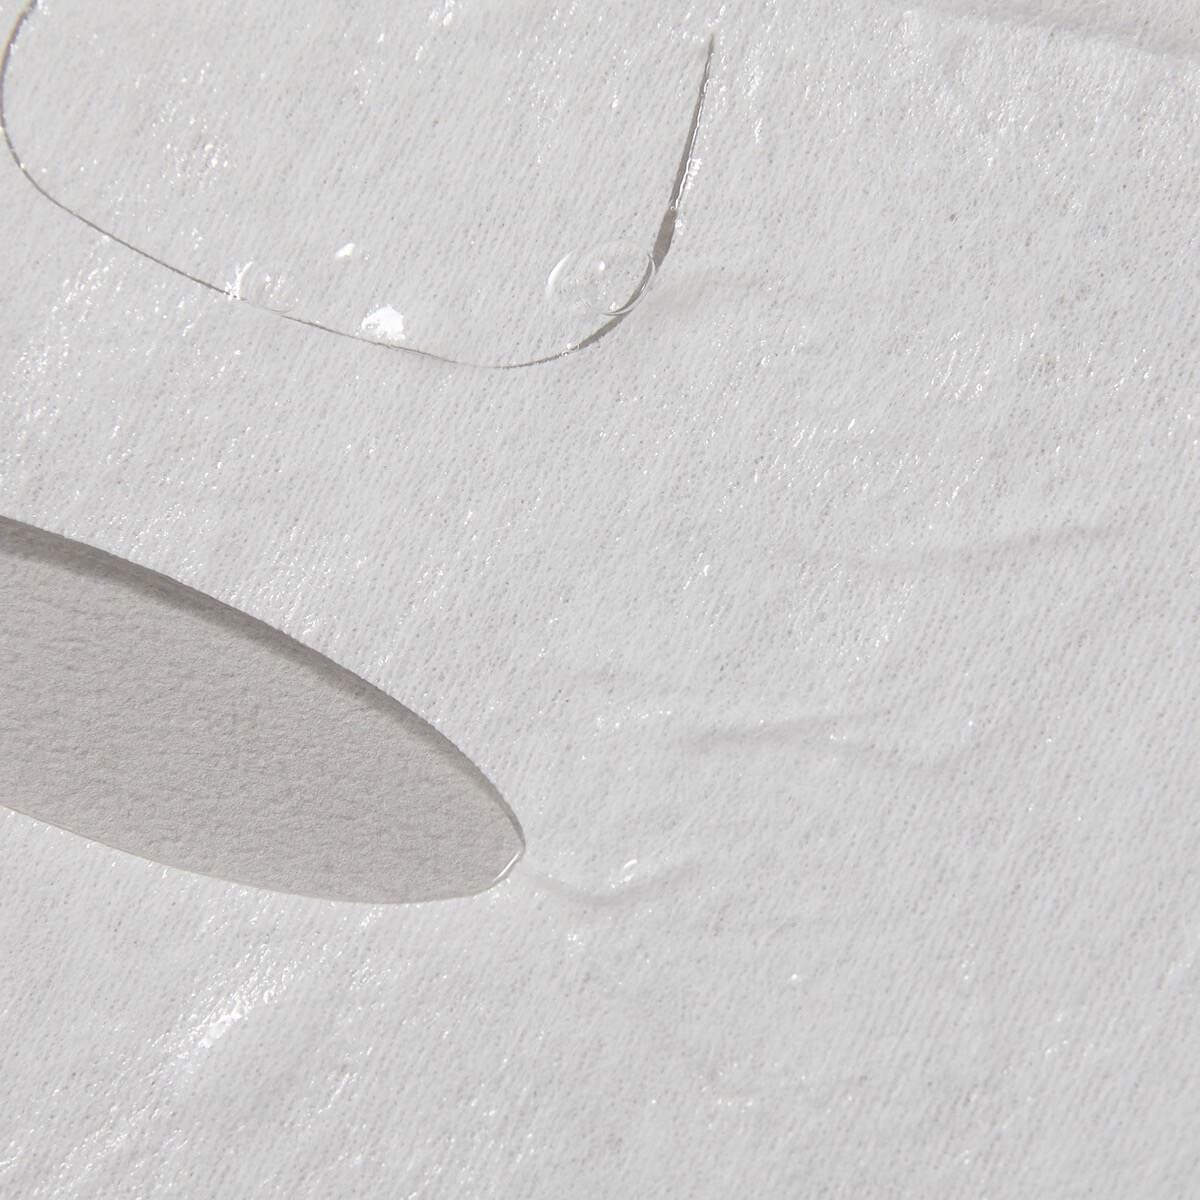 ABIB(アビブ)『ガム シートマスク ヒアルロン酸』の使用感をレポに関する画像13